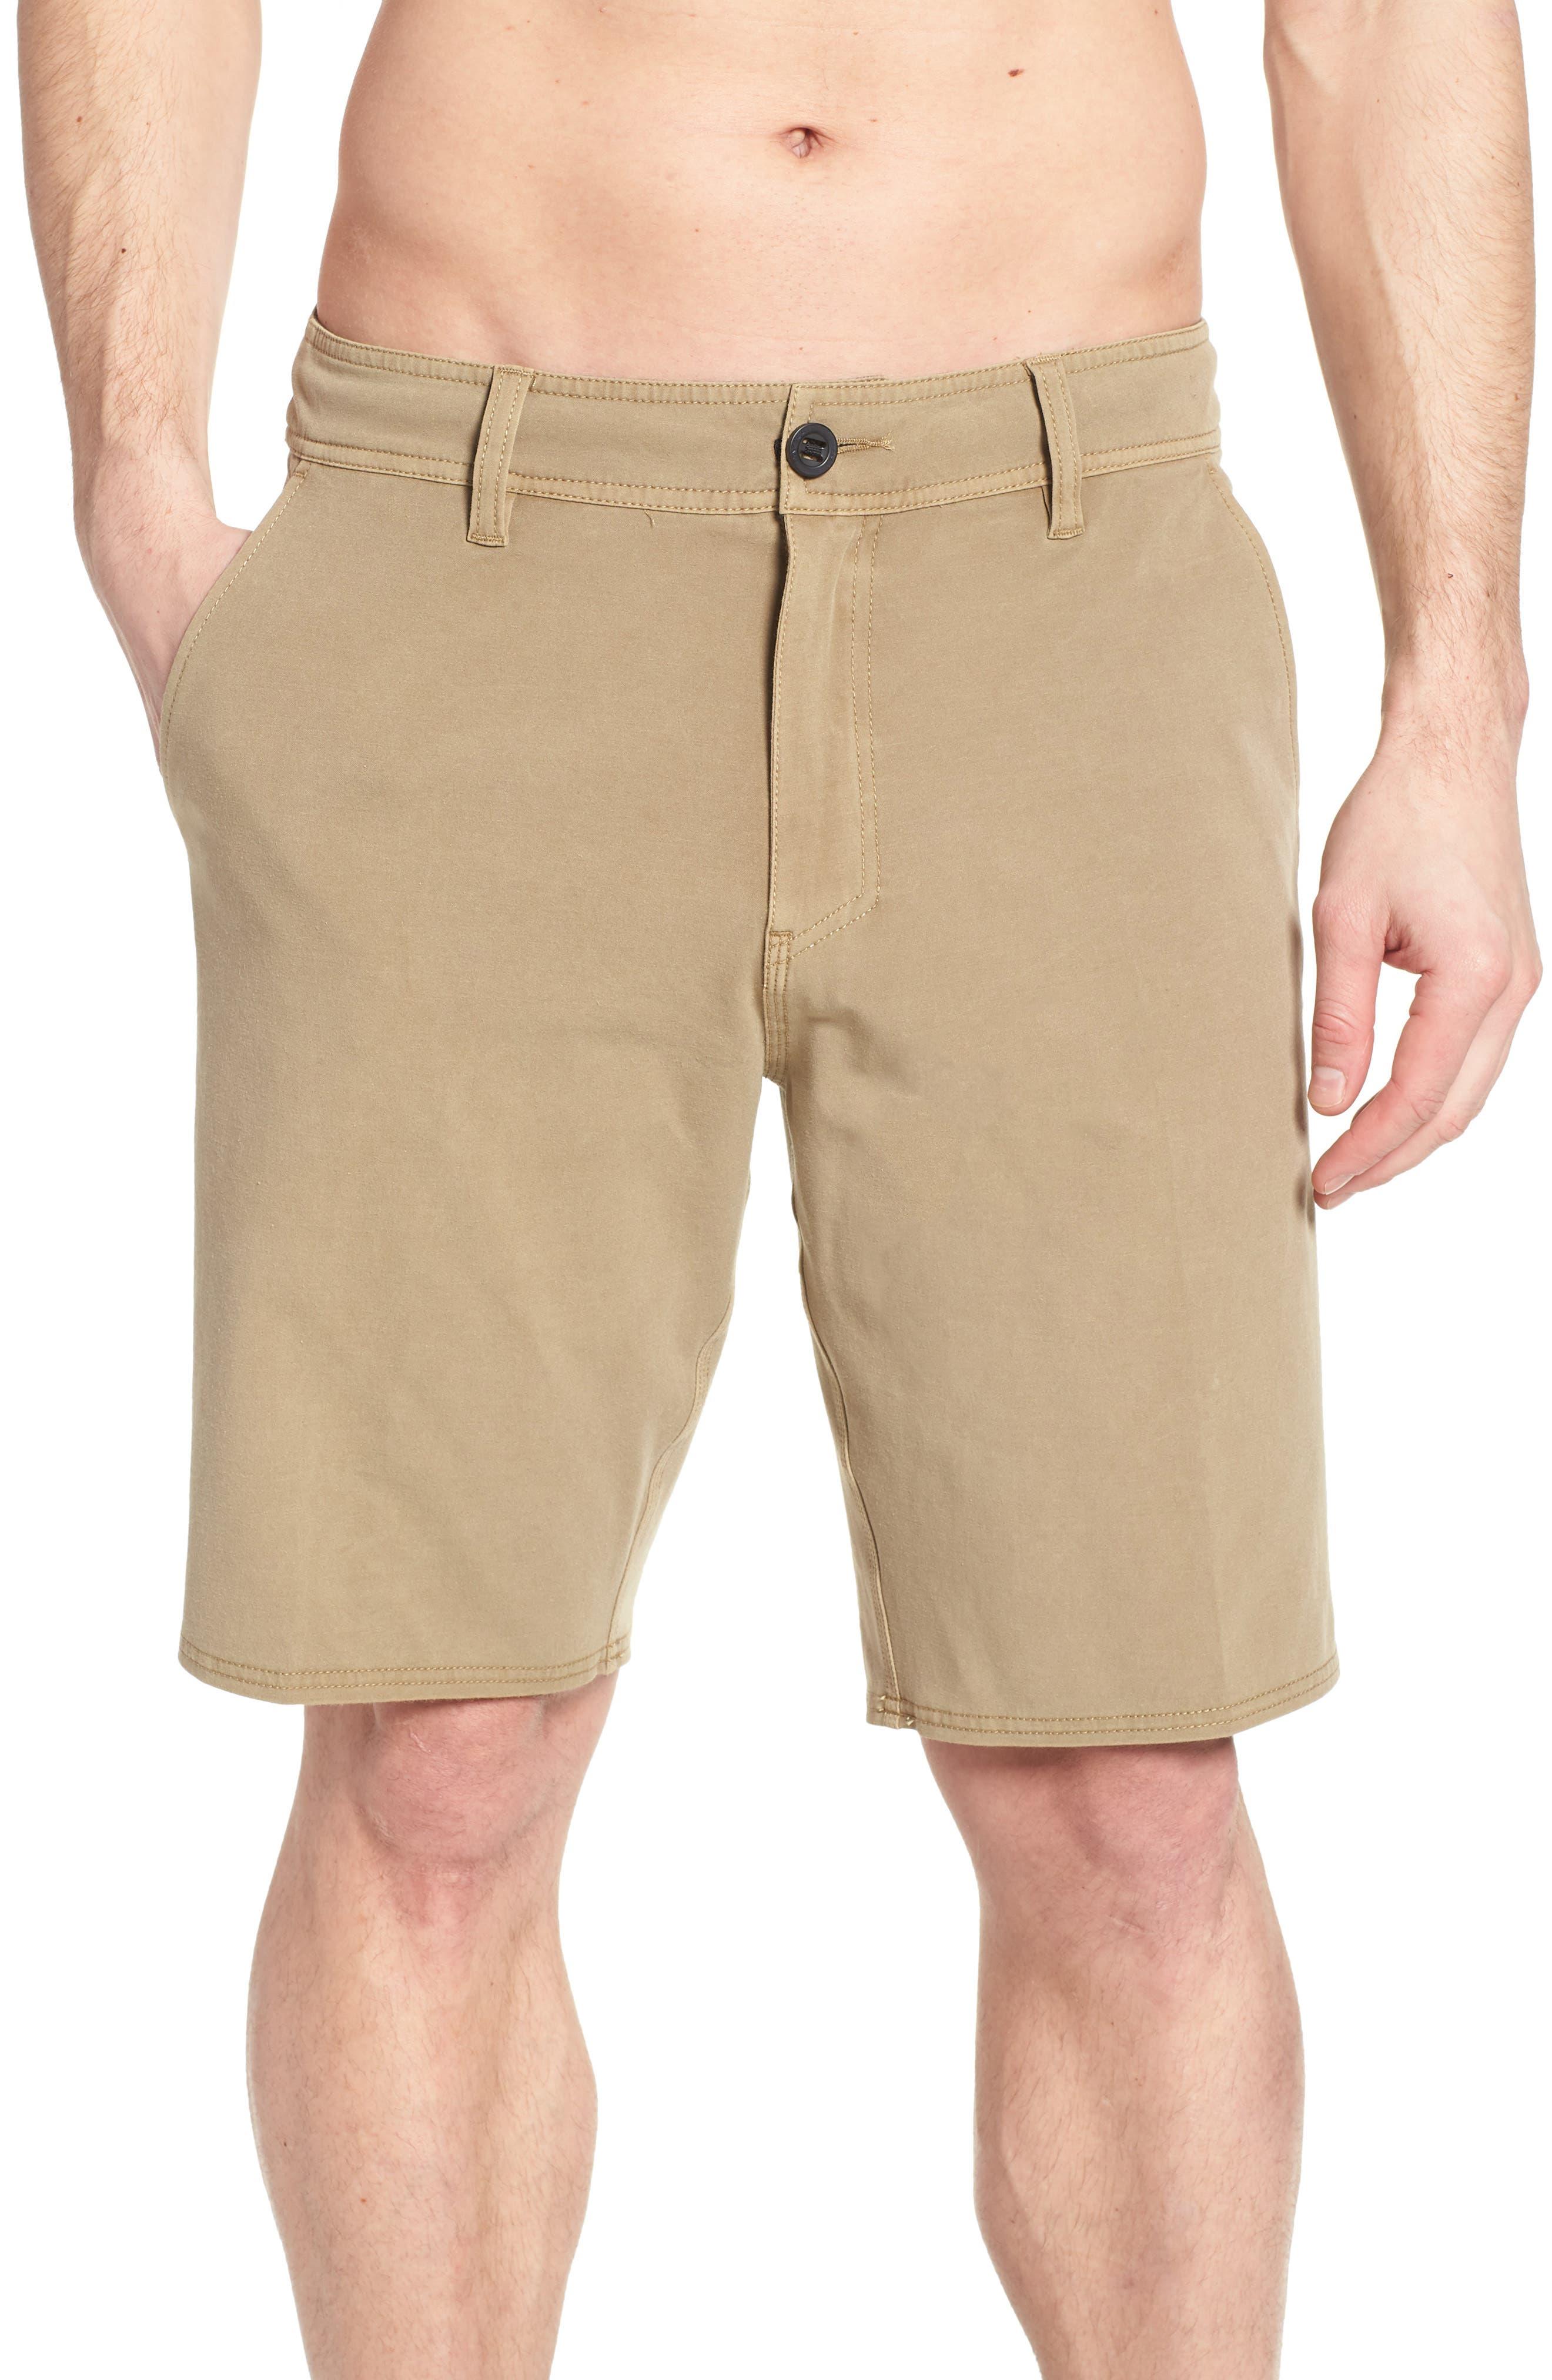 Venture Overdye Hybrid Shorts,                             Alternate thumbnail 4, color,                             Khaki